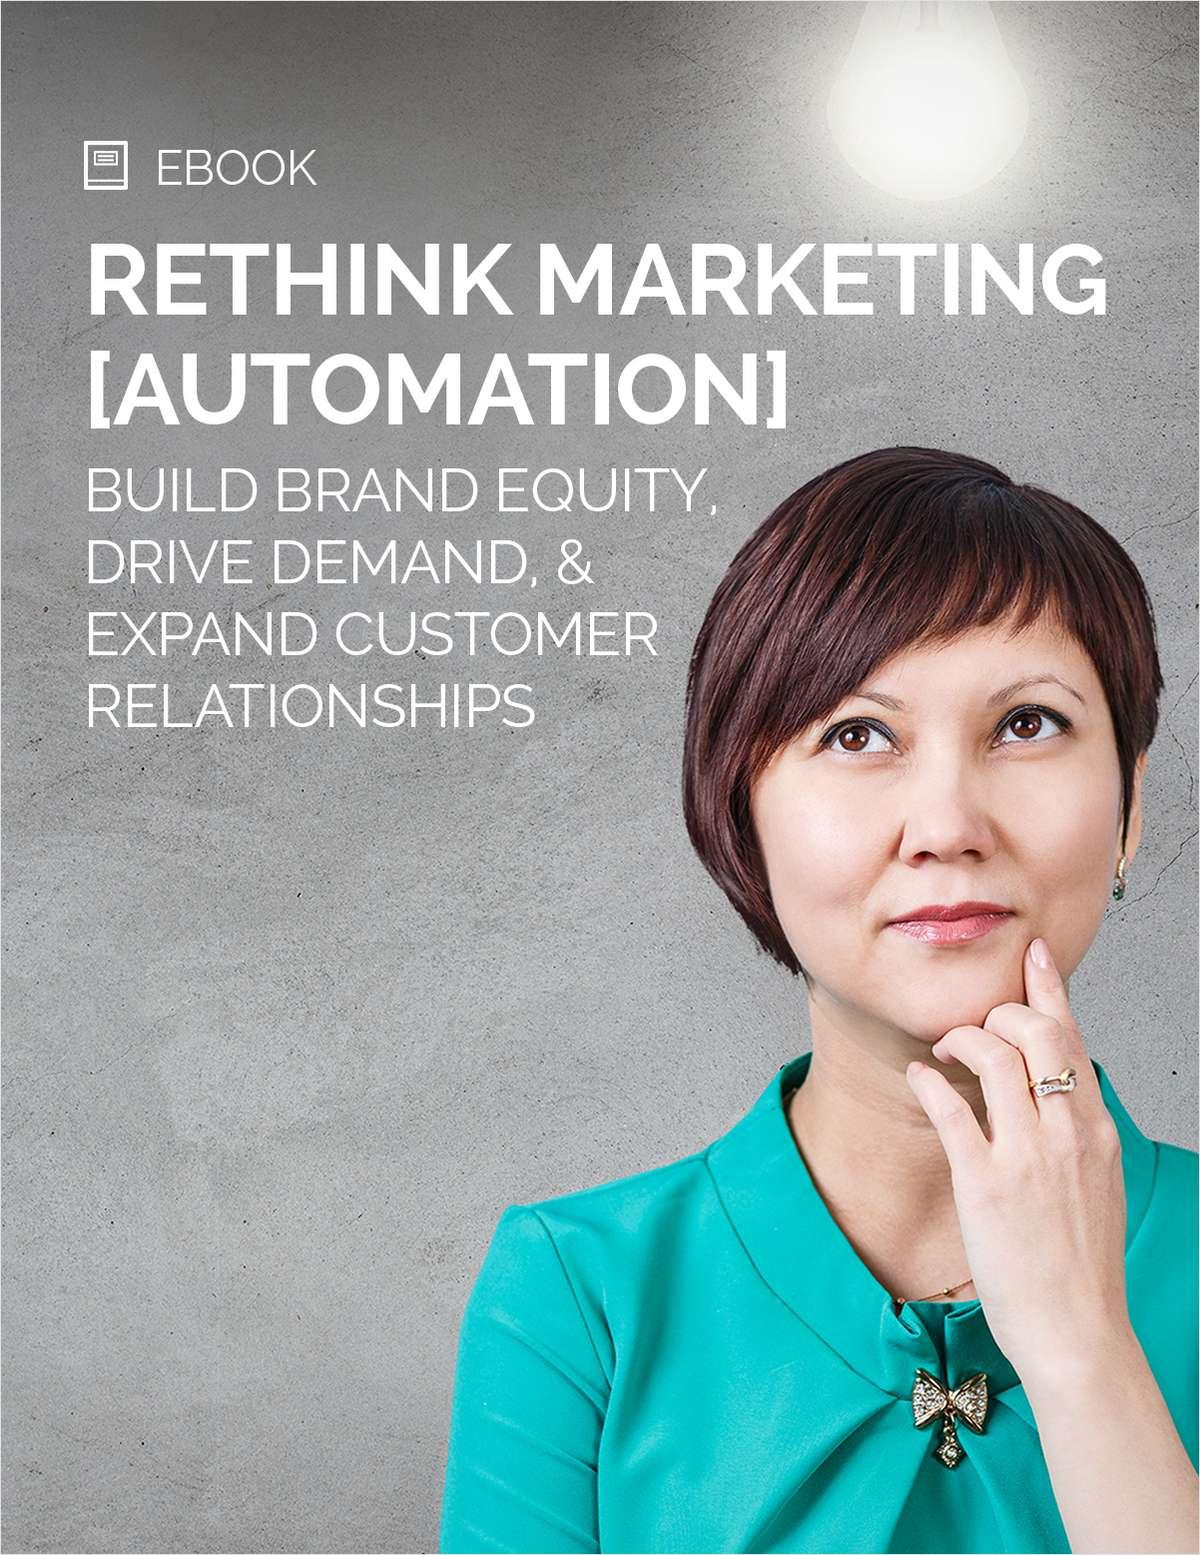 Rethink Marketing [Automation]